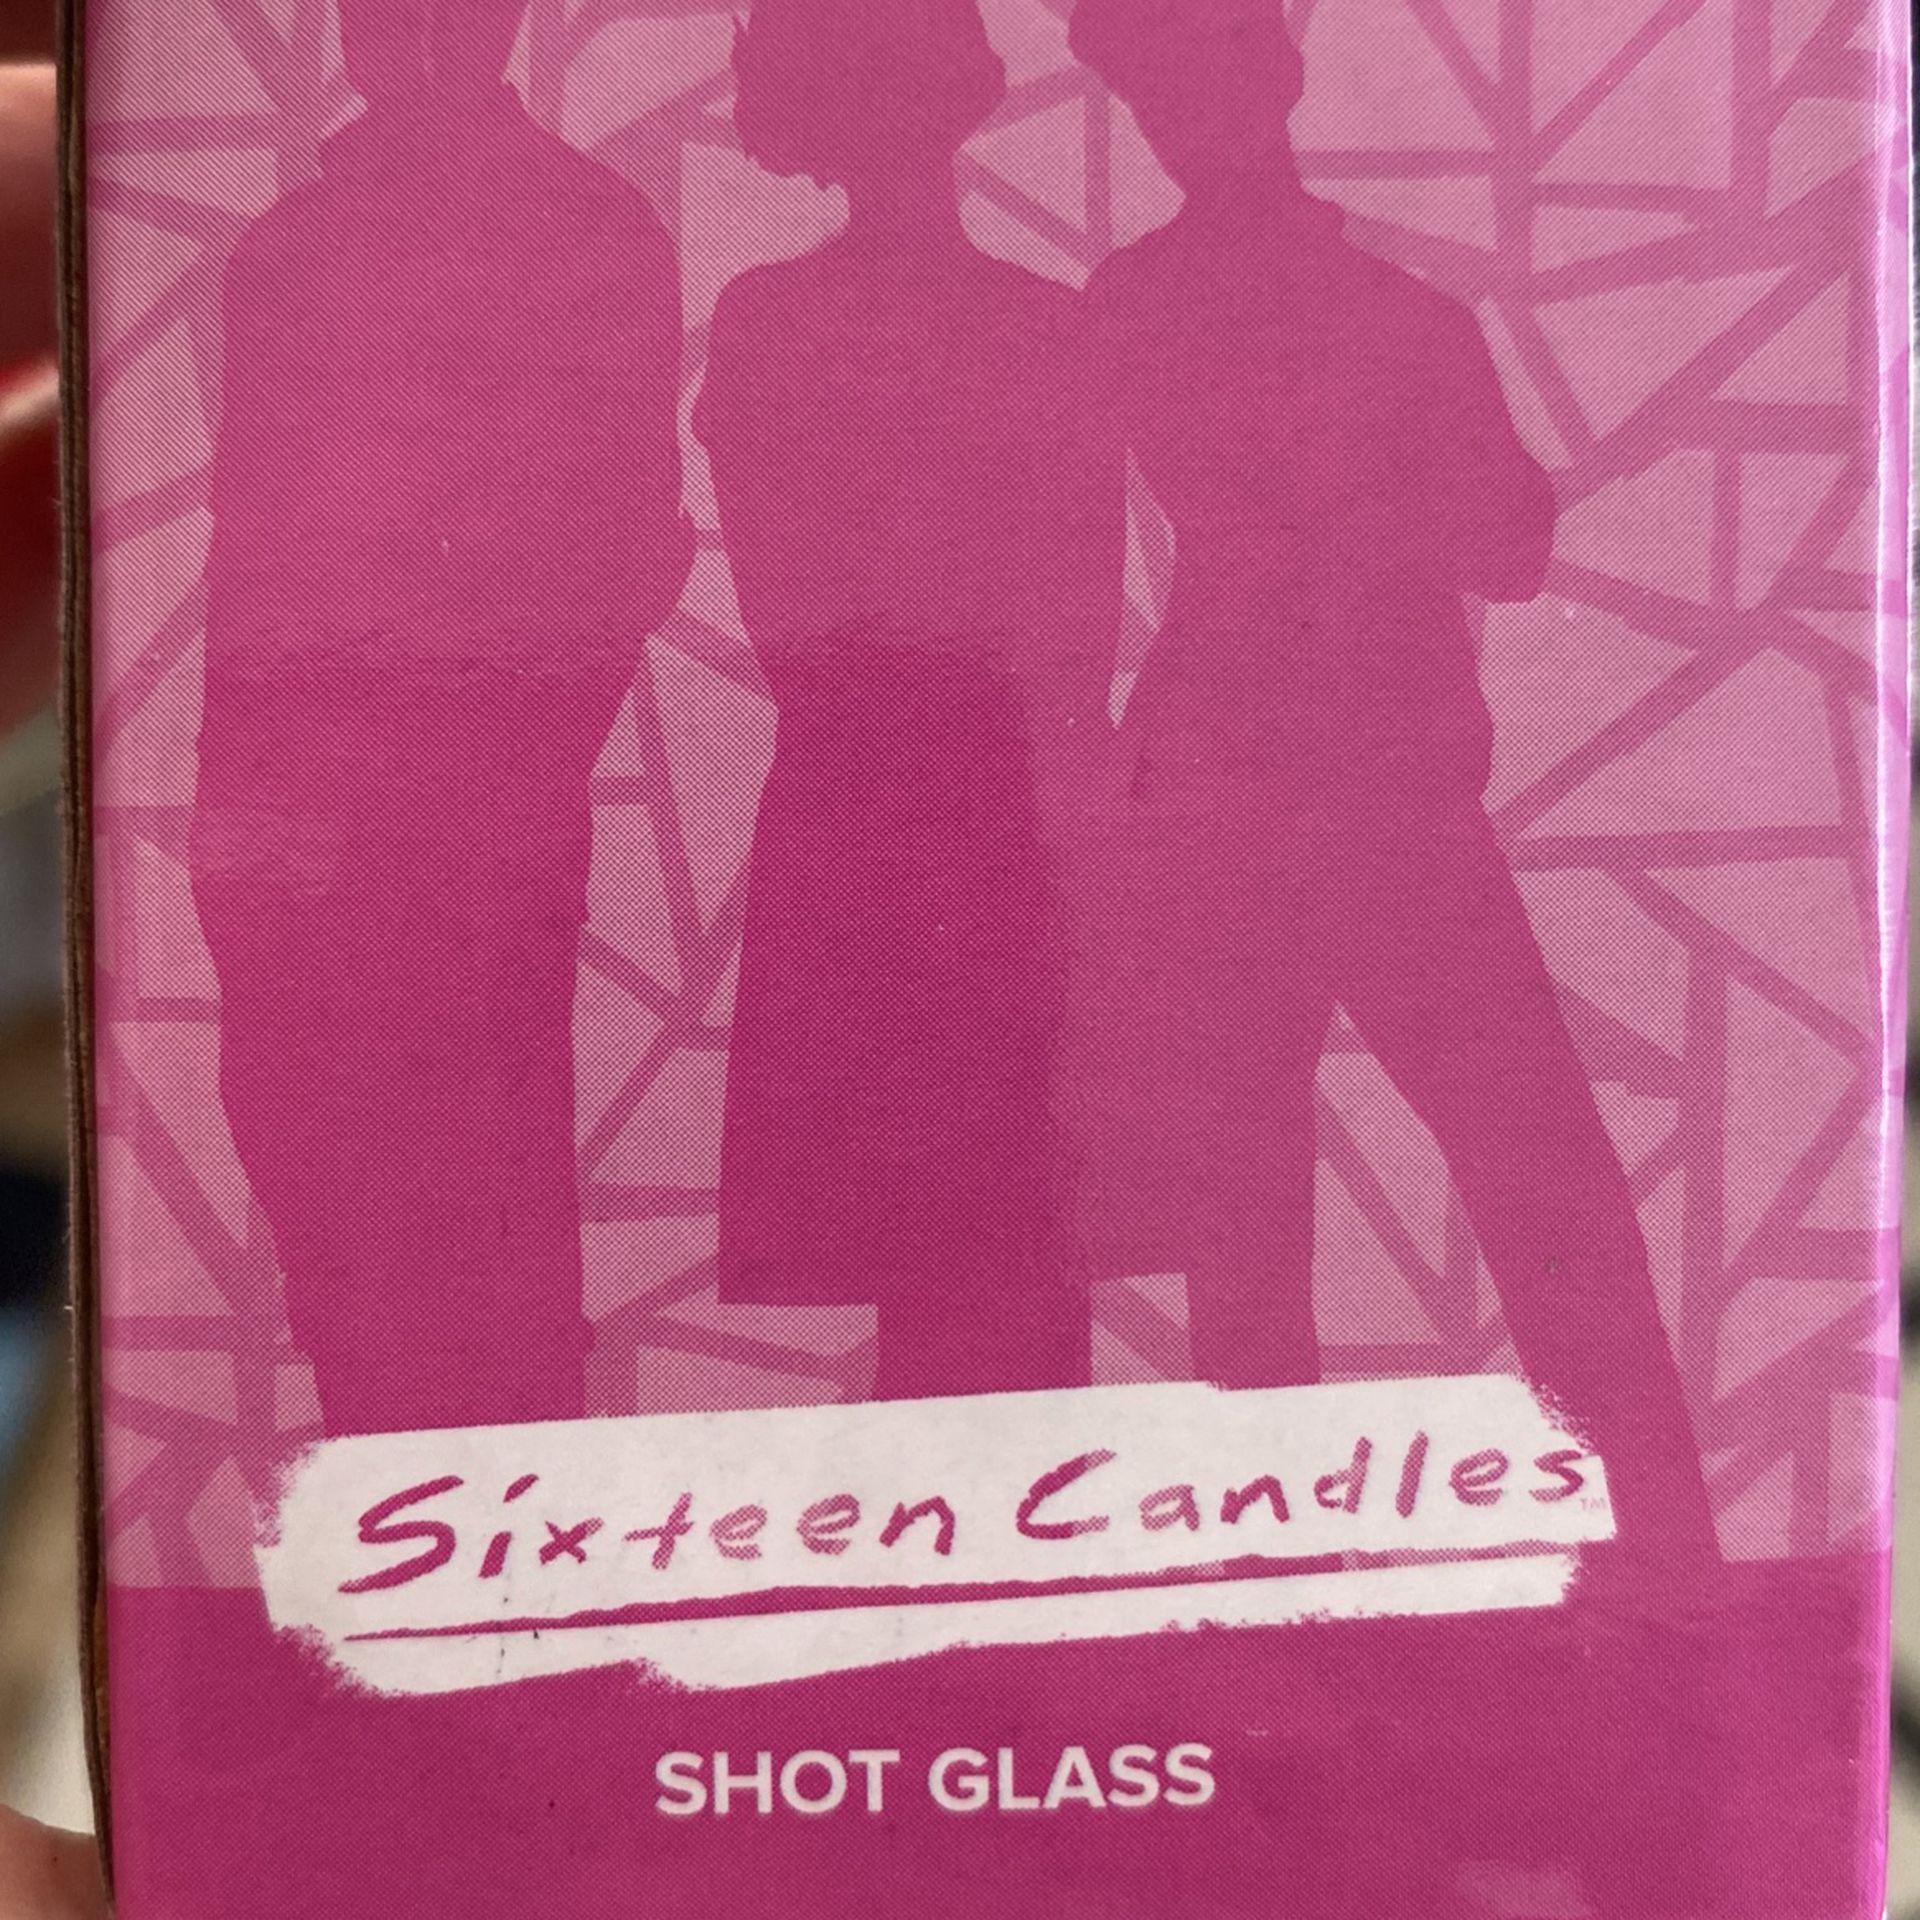 Sixteen Candles Shot Glass